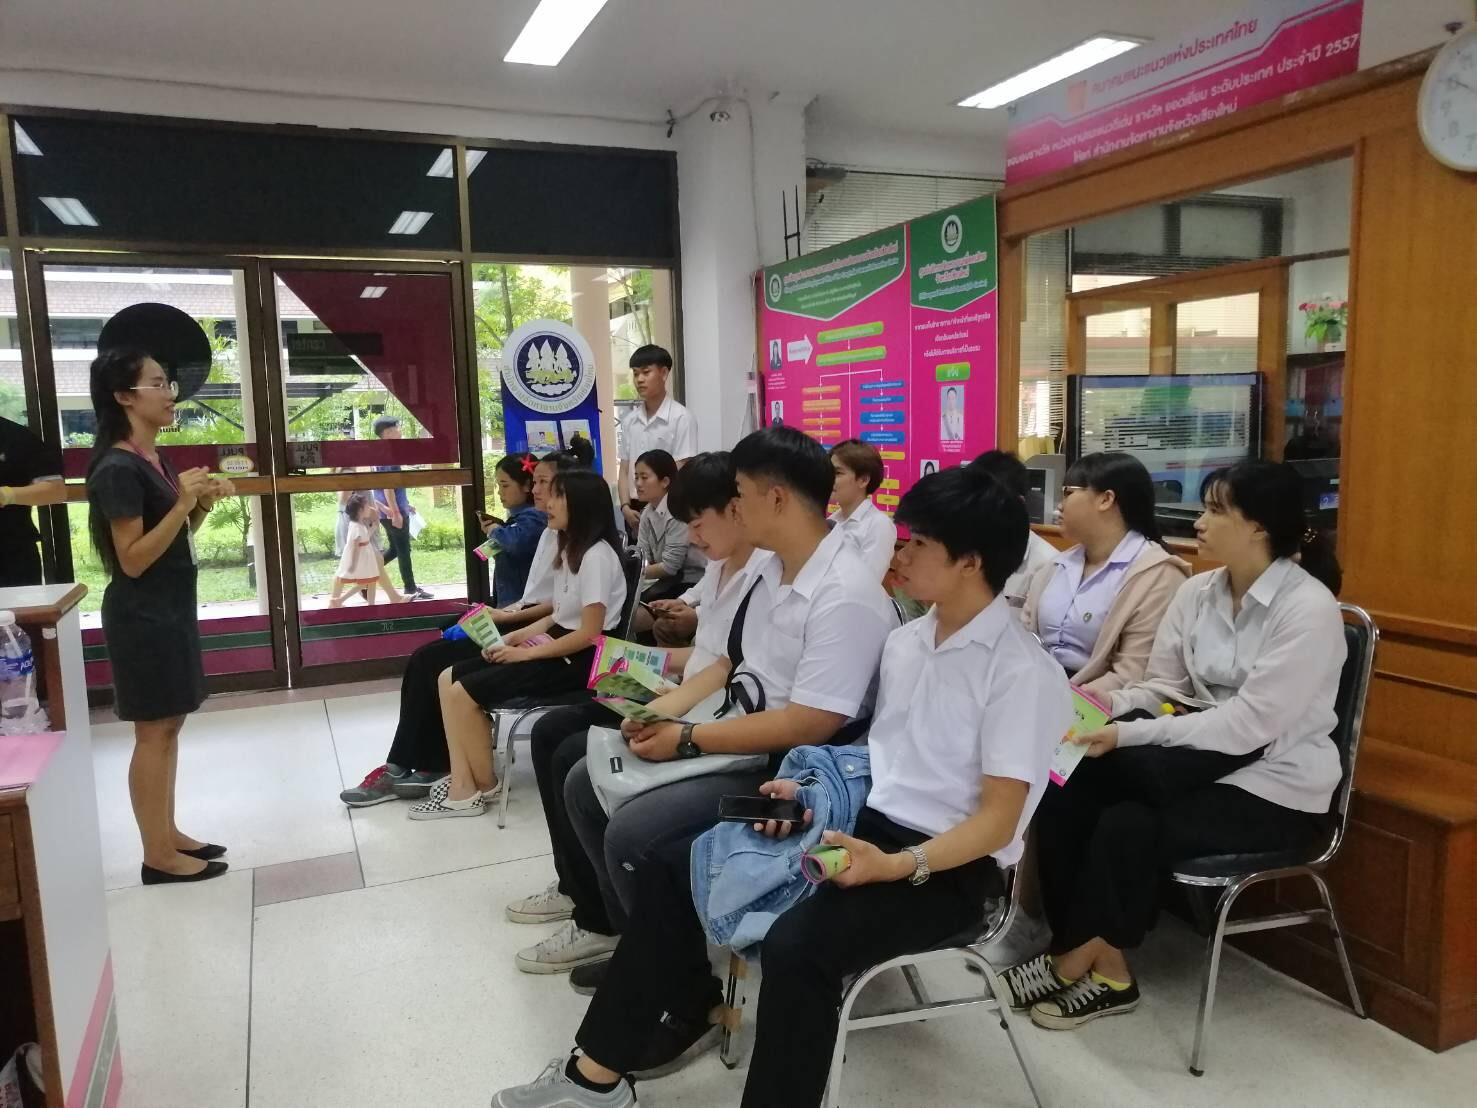 นักศึกษามหาวิทยาลัยราชภัฏเชียงใหม่ เข้าเยี่ยมชมและศึกษาดูงาน ณ ศูนย์บริการจัดหางานเพื่อคนไทย